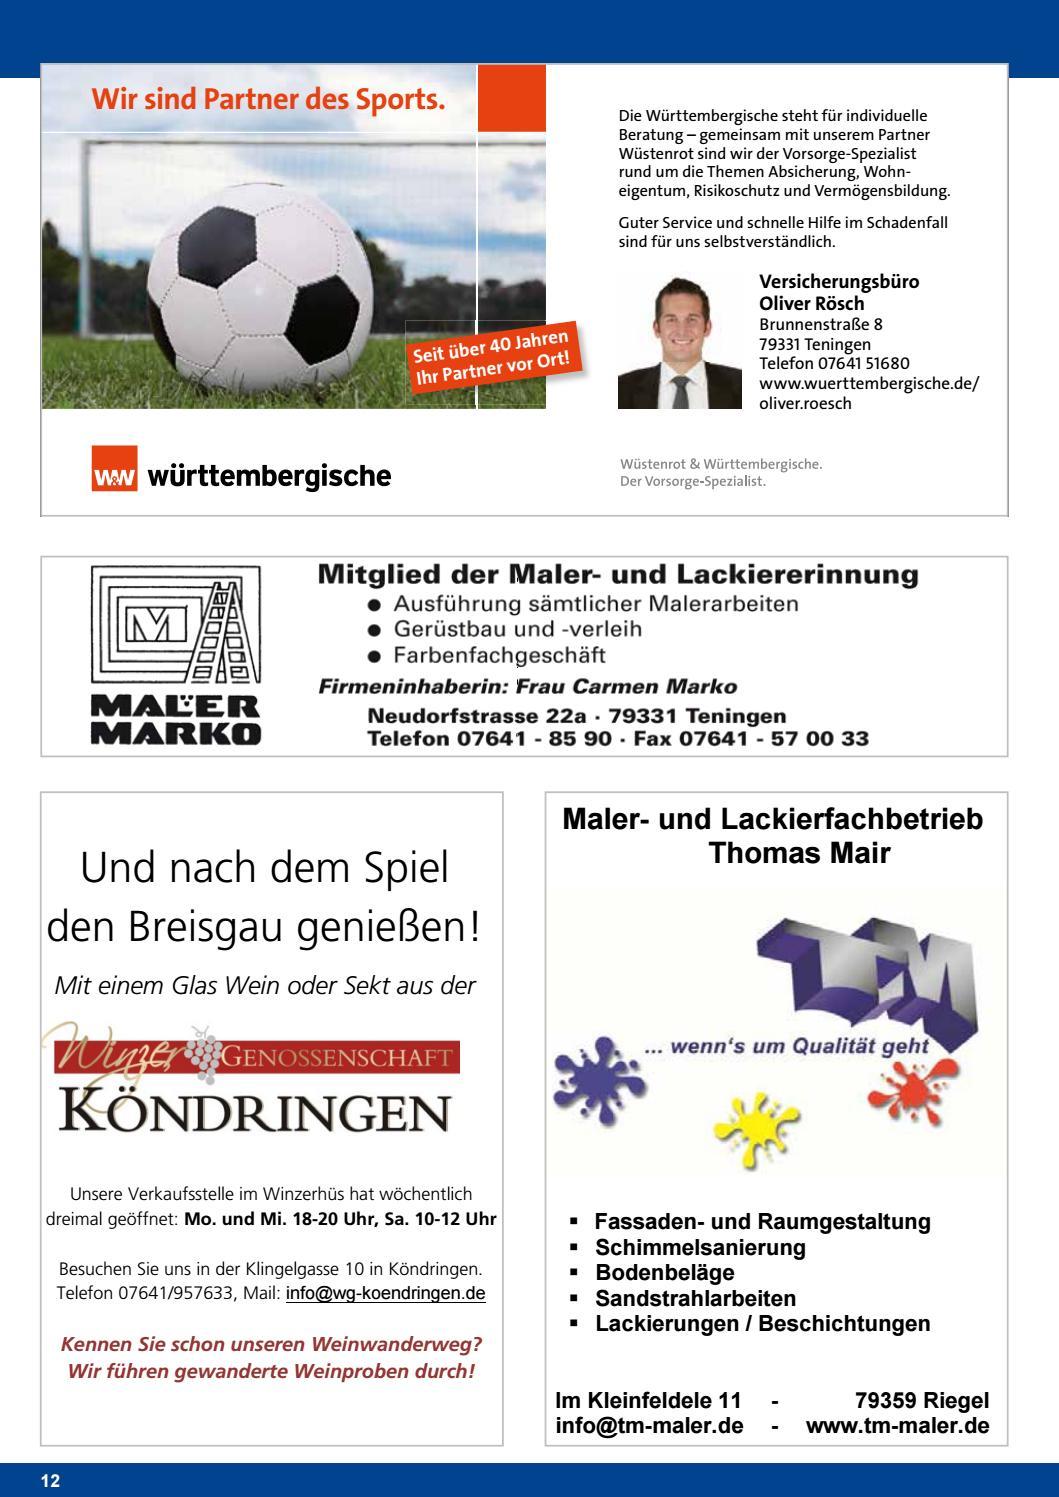 bd12ce81808e75 TVK-FUSSBALL Nr.12 17 18 by TV Köndringen Fussball - issuu